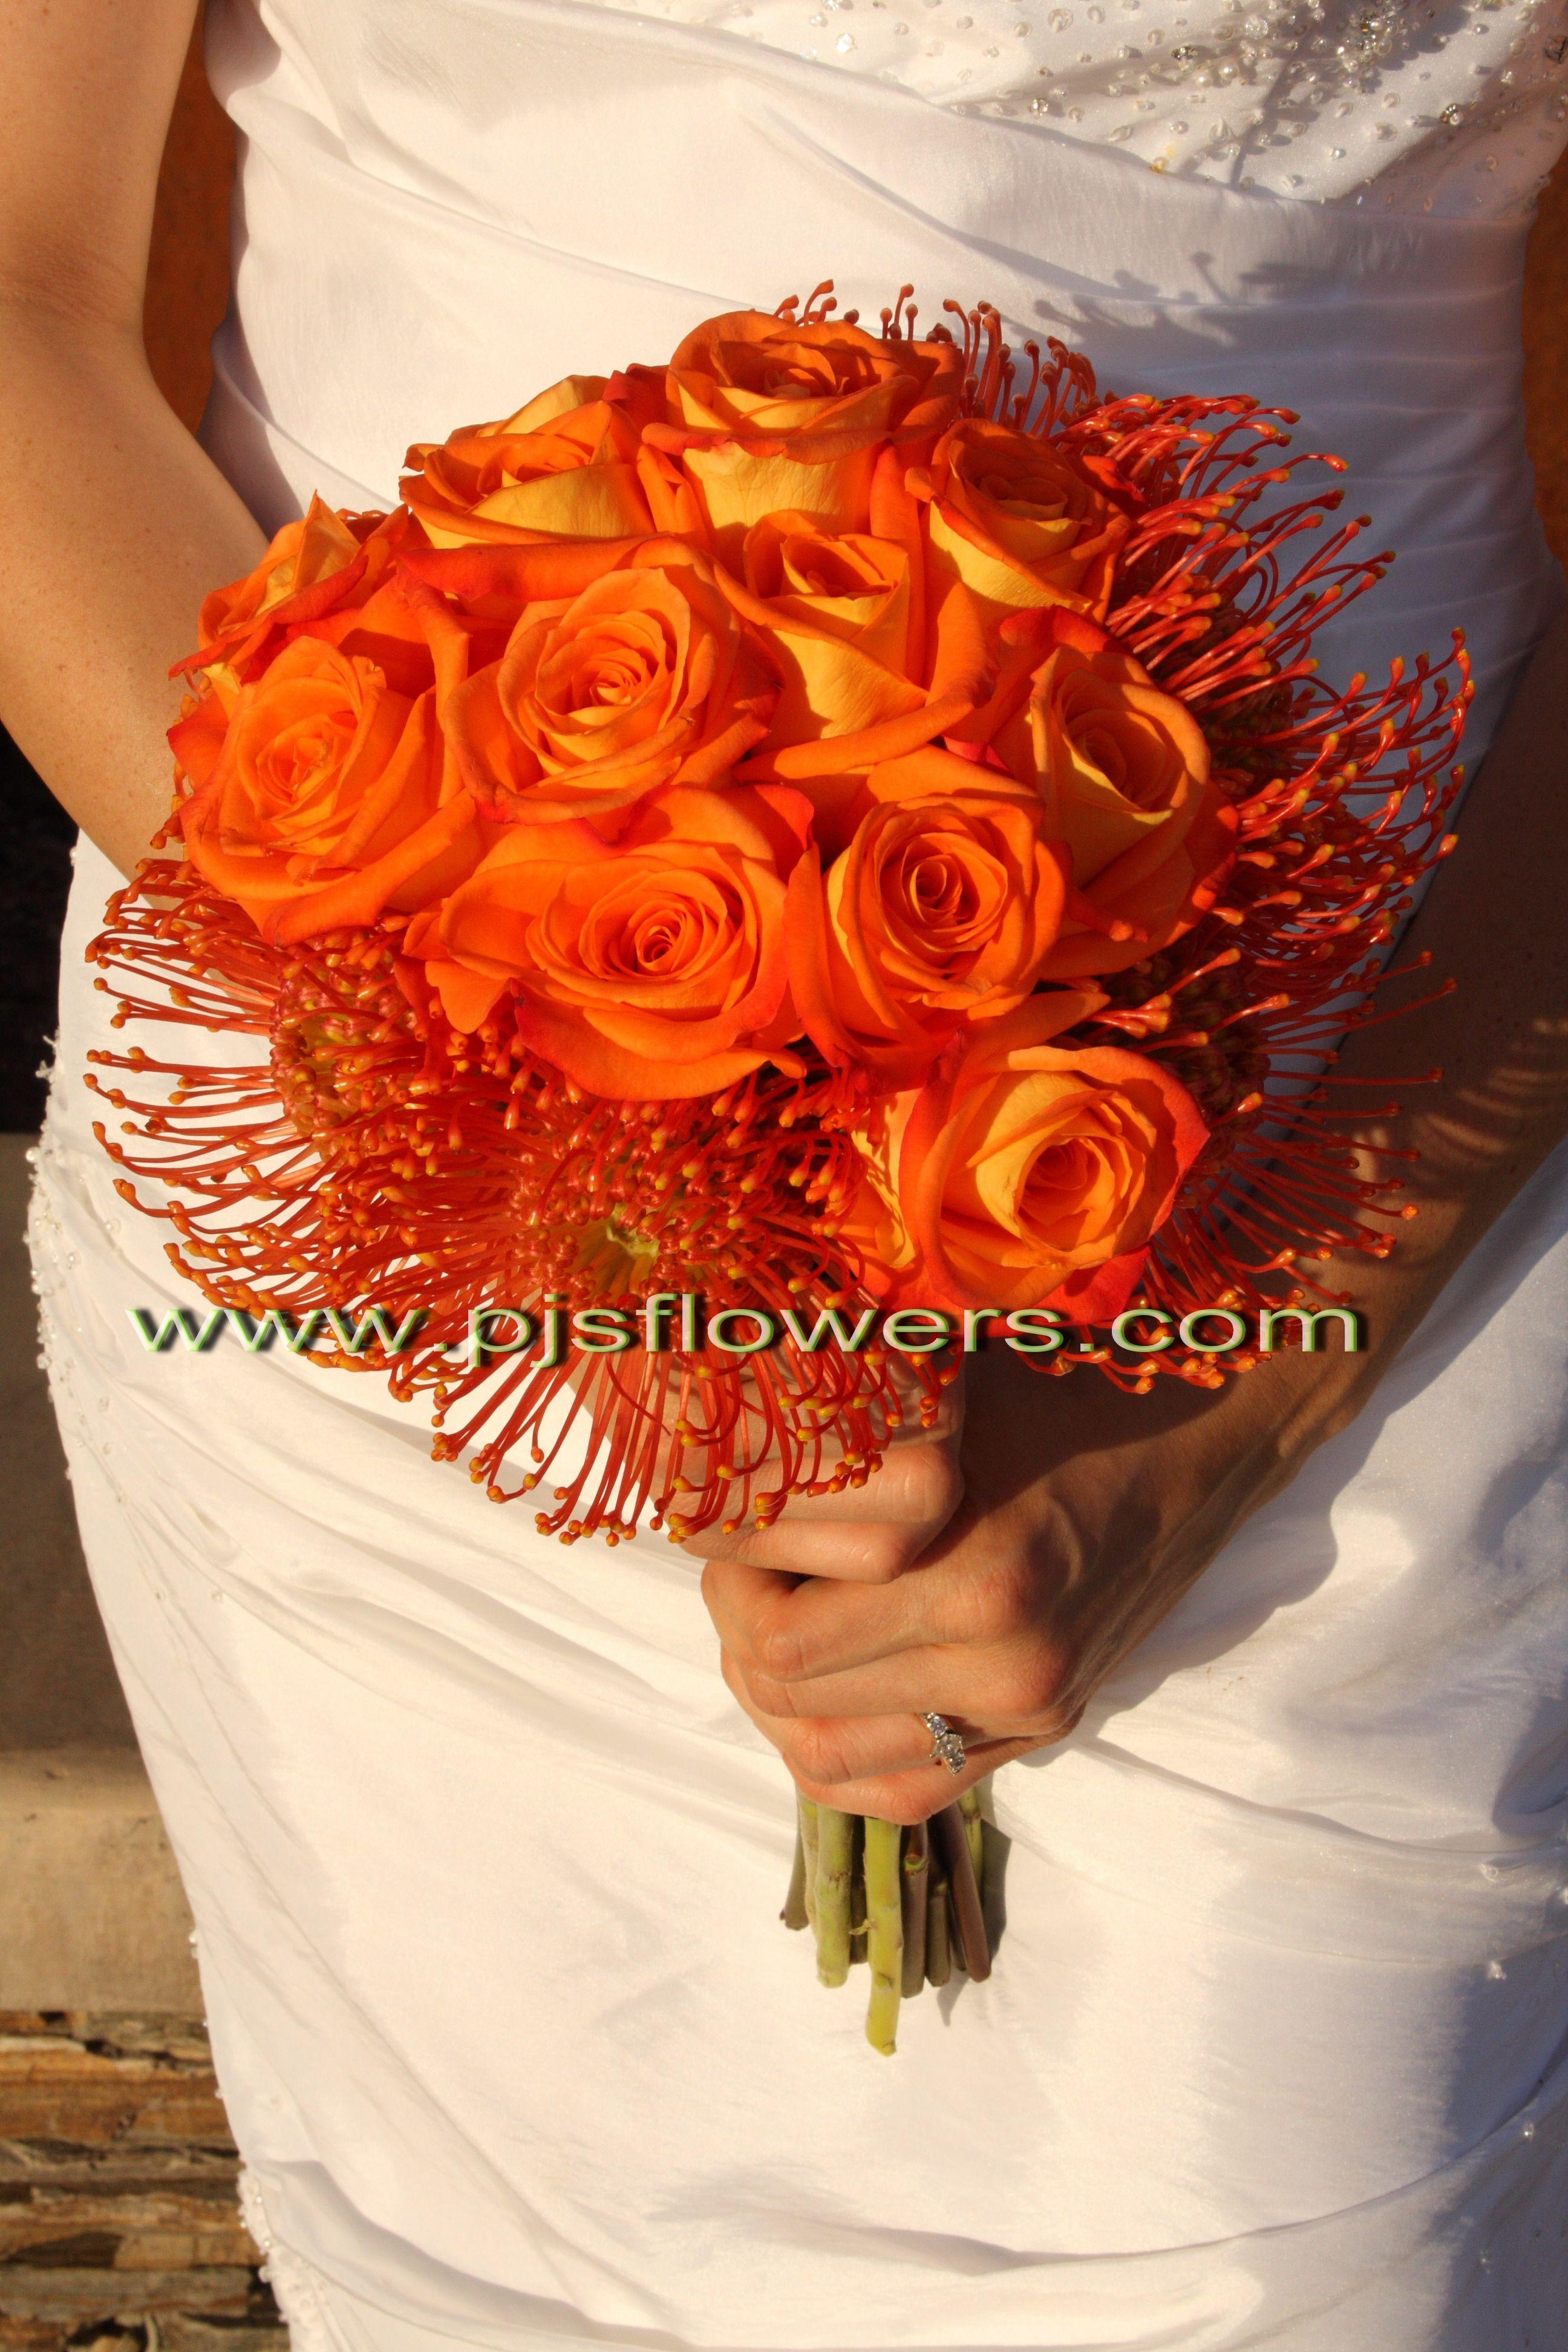 Award Winning Florist In Phoenix Pjs Flower Shop With Flower Delivery Flower Delivery Wedding Flowers Bridal Bouquet